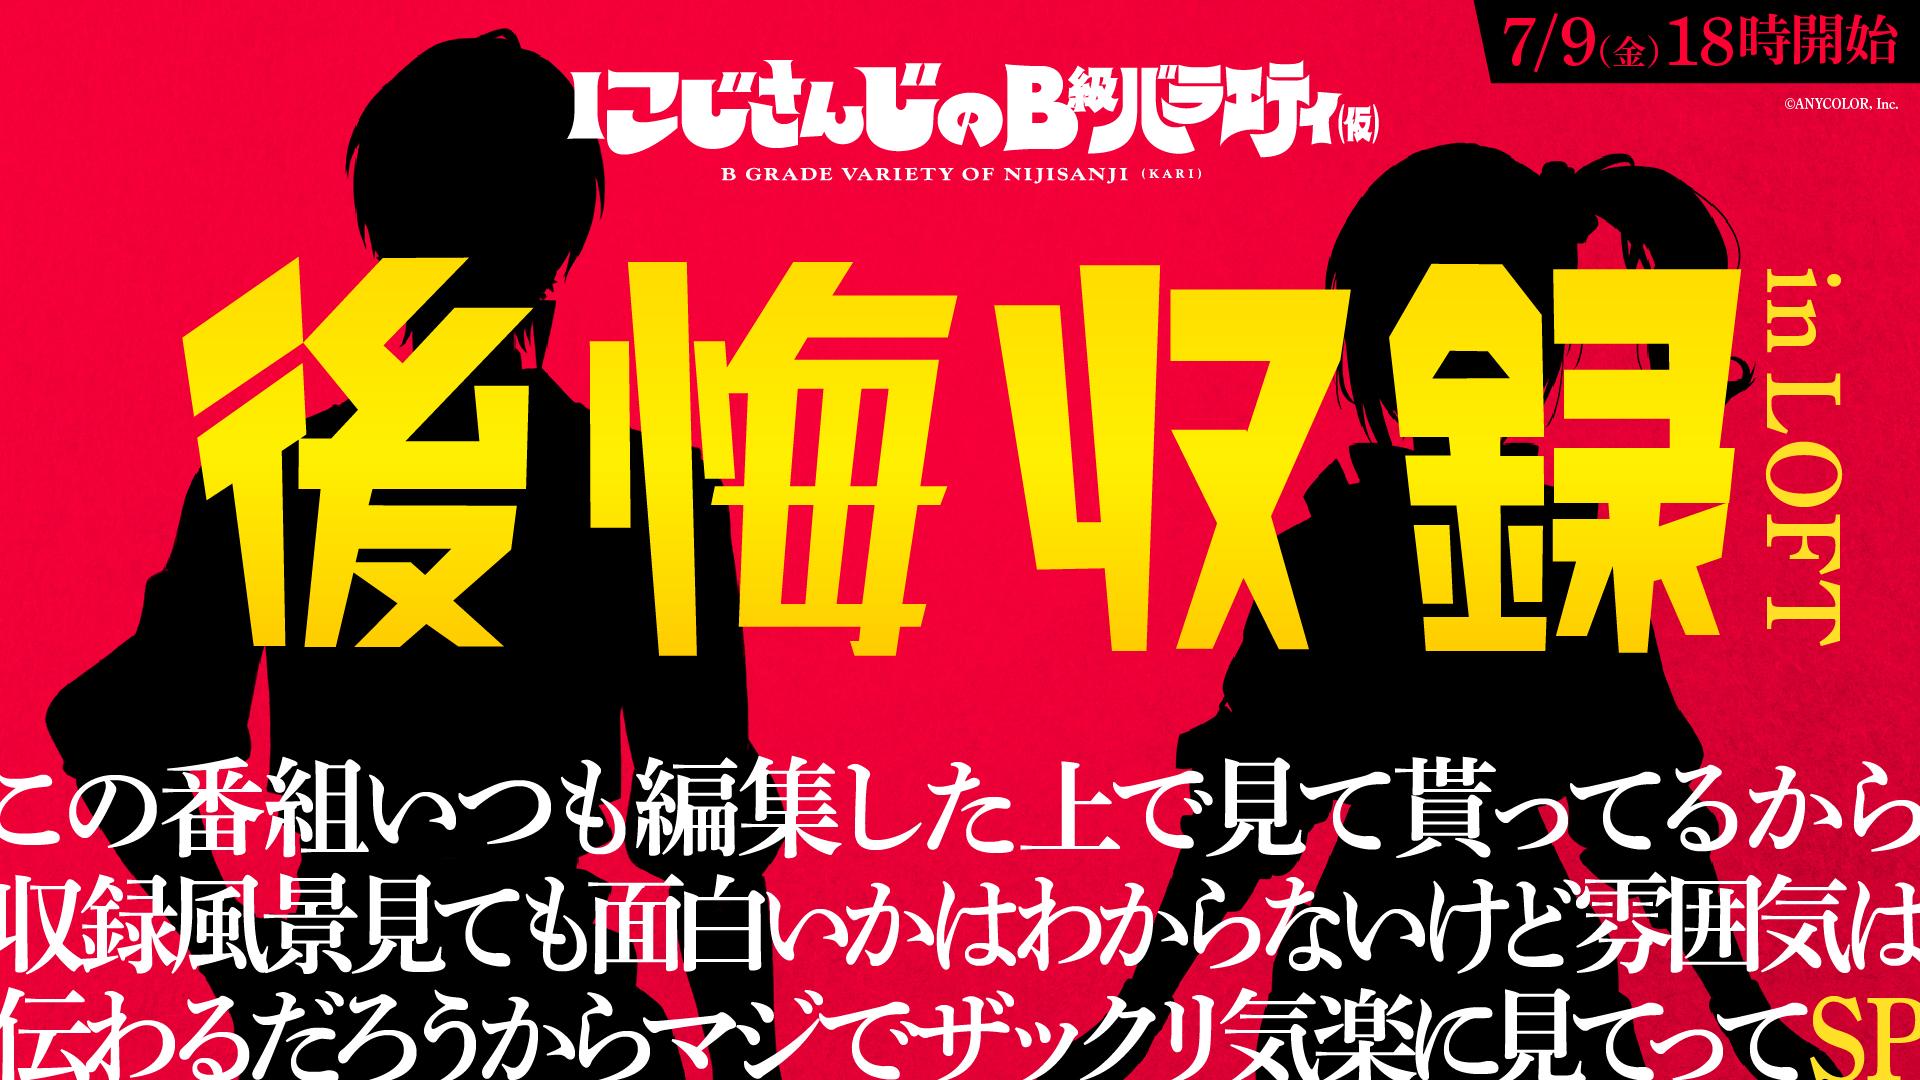 【会場写真】にじさんじのB級バラエティ(仮)後悔収録 in LOFT